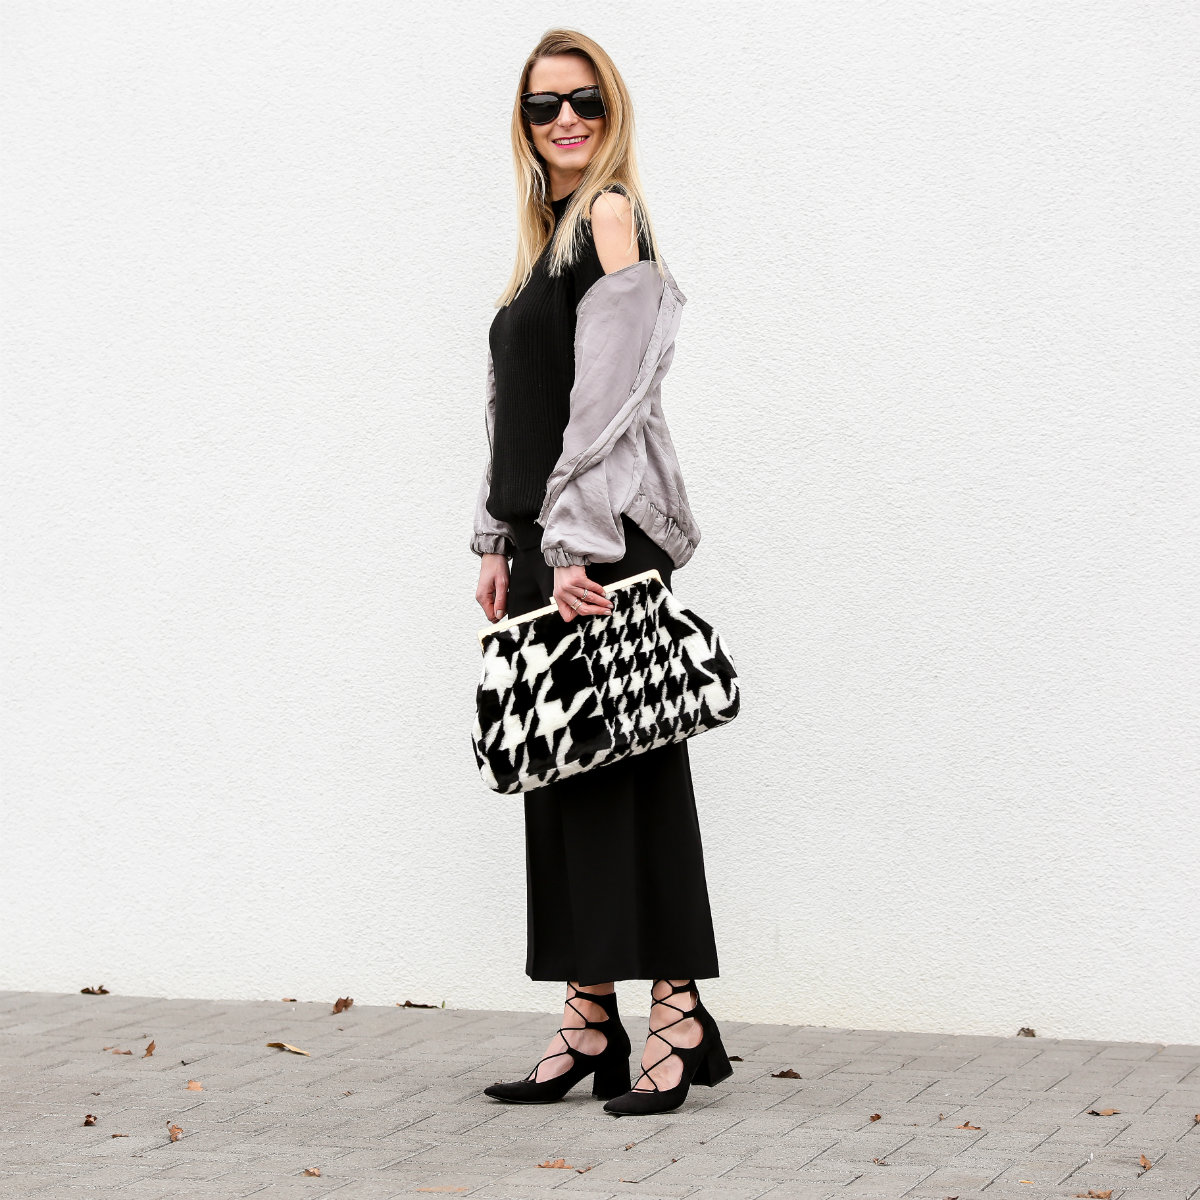 Fashion_Outfit_Satin_Bomber_Cold_Shoulder_MOD - by Monique-25_pix